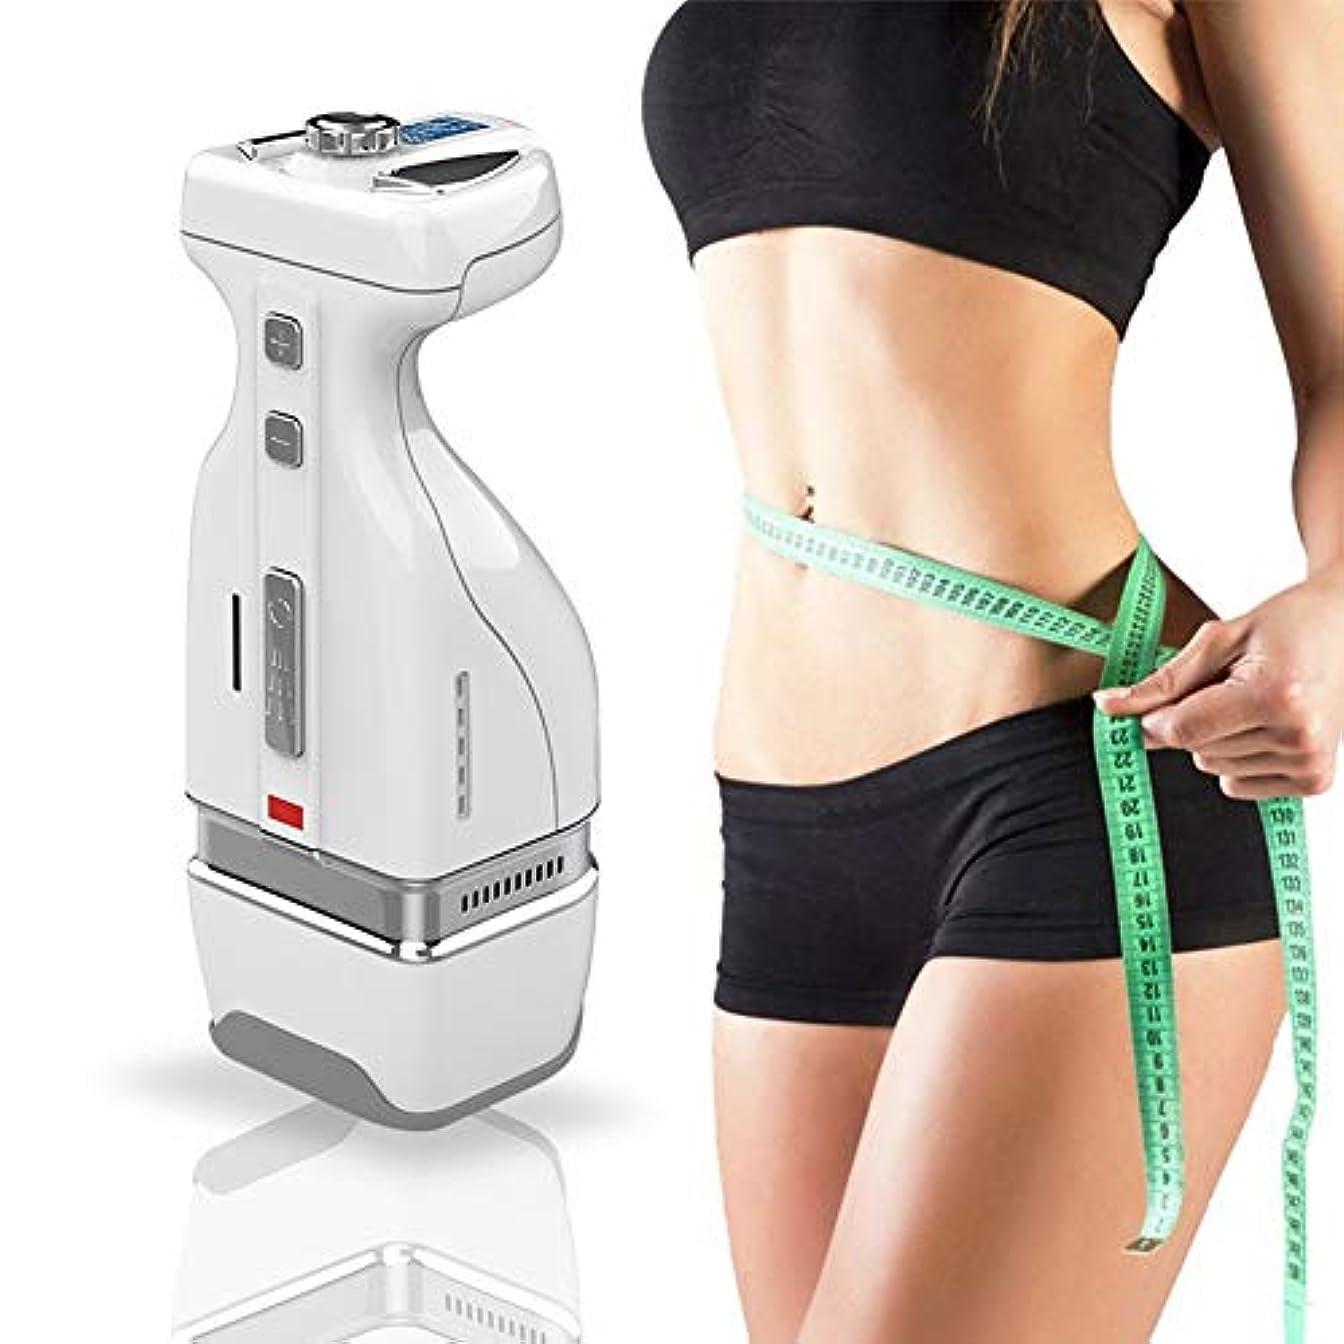 現実モスク症状家の使用のための機械をきつく締める電気ボディ腰、太もも、腕、背部、すべてのボディ装置のための携帯用小型HIFUの減量の美装置